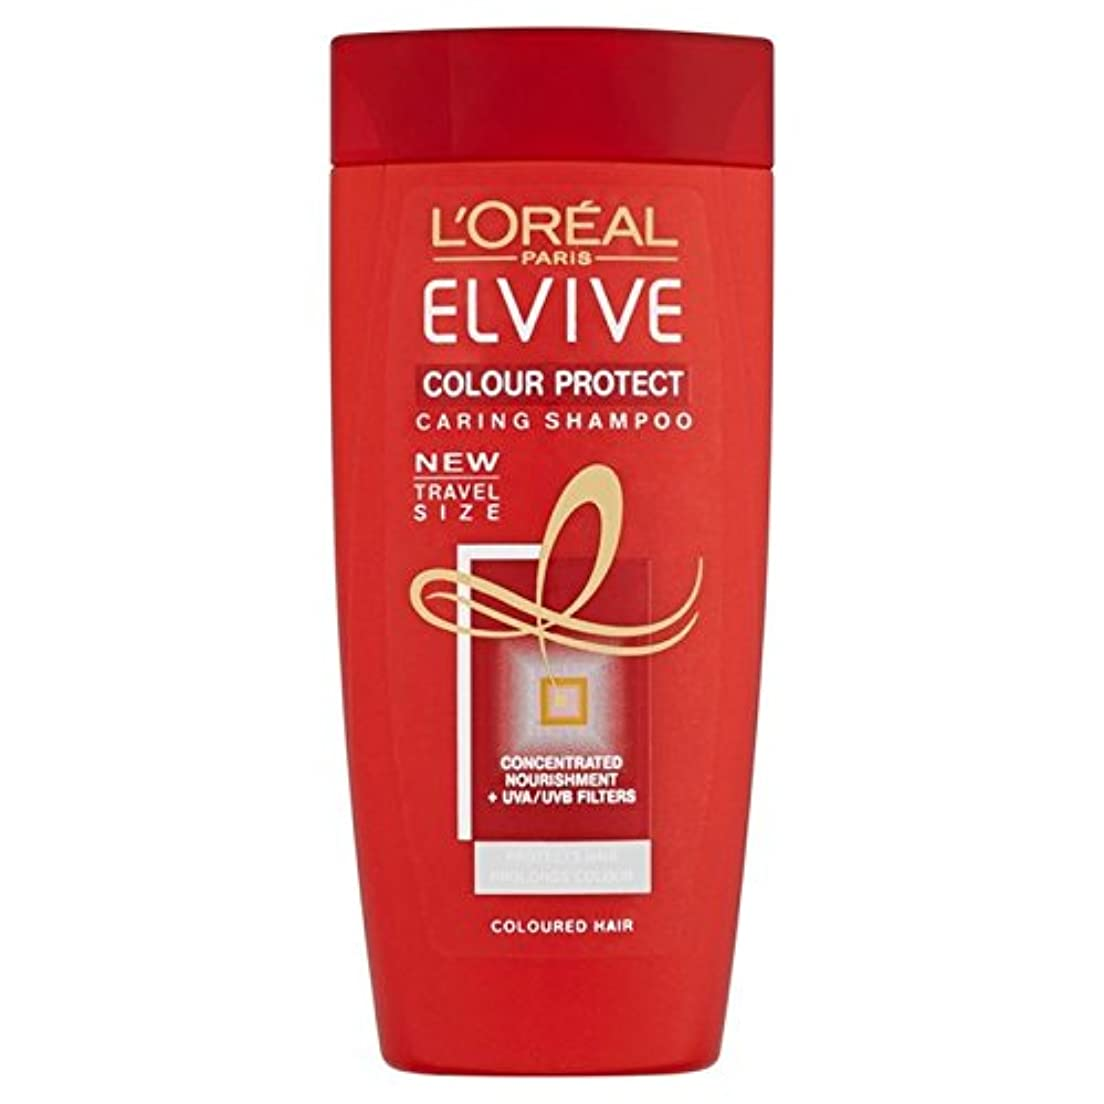 ガソリンパス基礎ロレアル色は、旅行シャンプー50ミリリットルを保護します x4 - L'Oreal Elvive Colour Protect Travel Shampoo 50ml (Pack of 4) [並行輸入品]